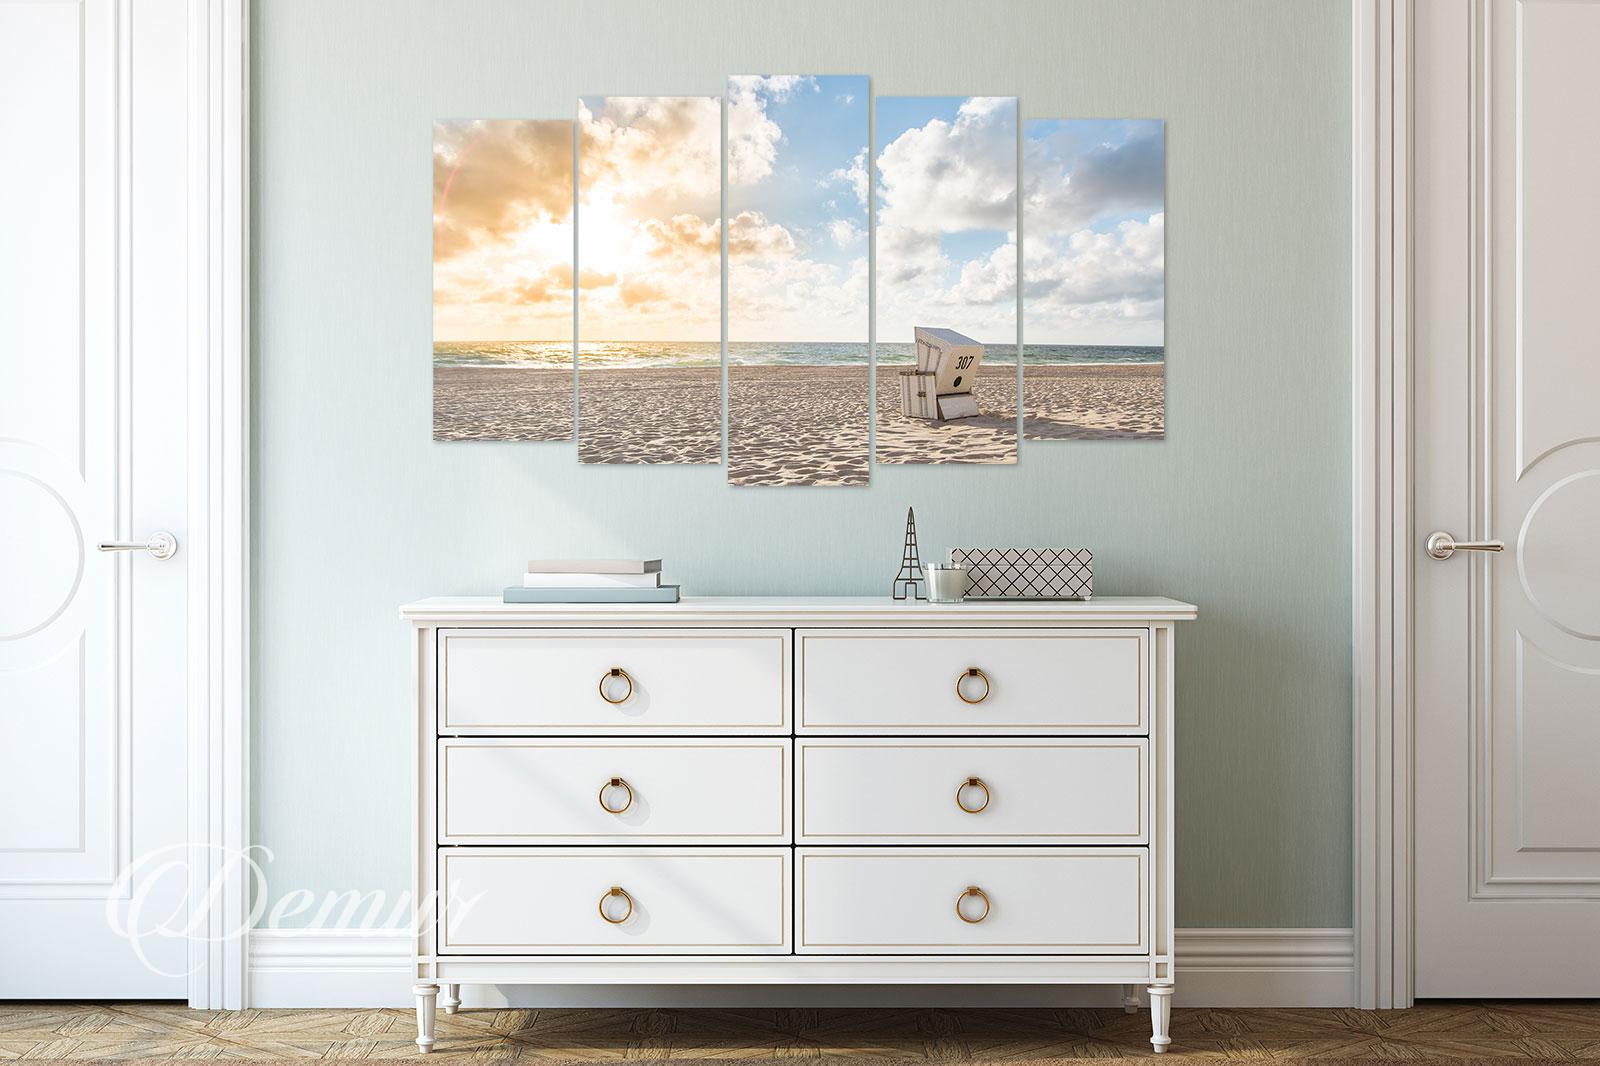 Obraz Morze - Pomysł na ścianę w korytarzu - Demur